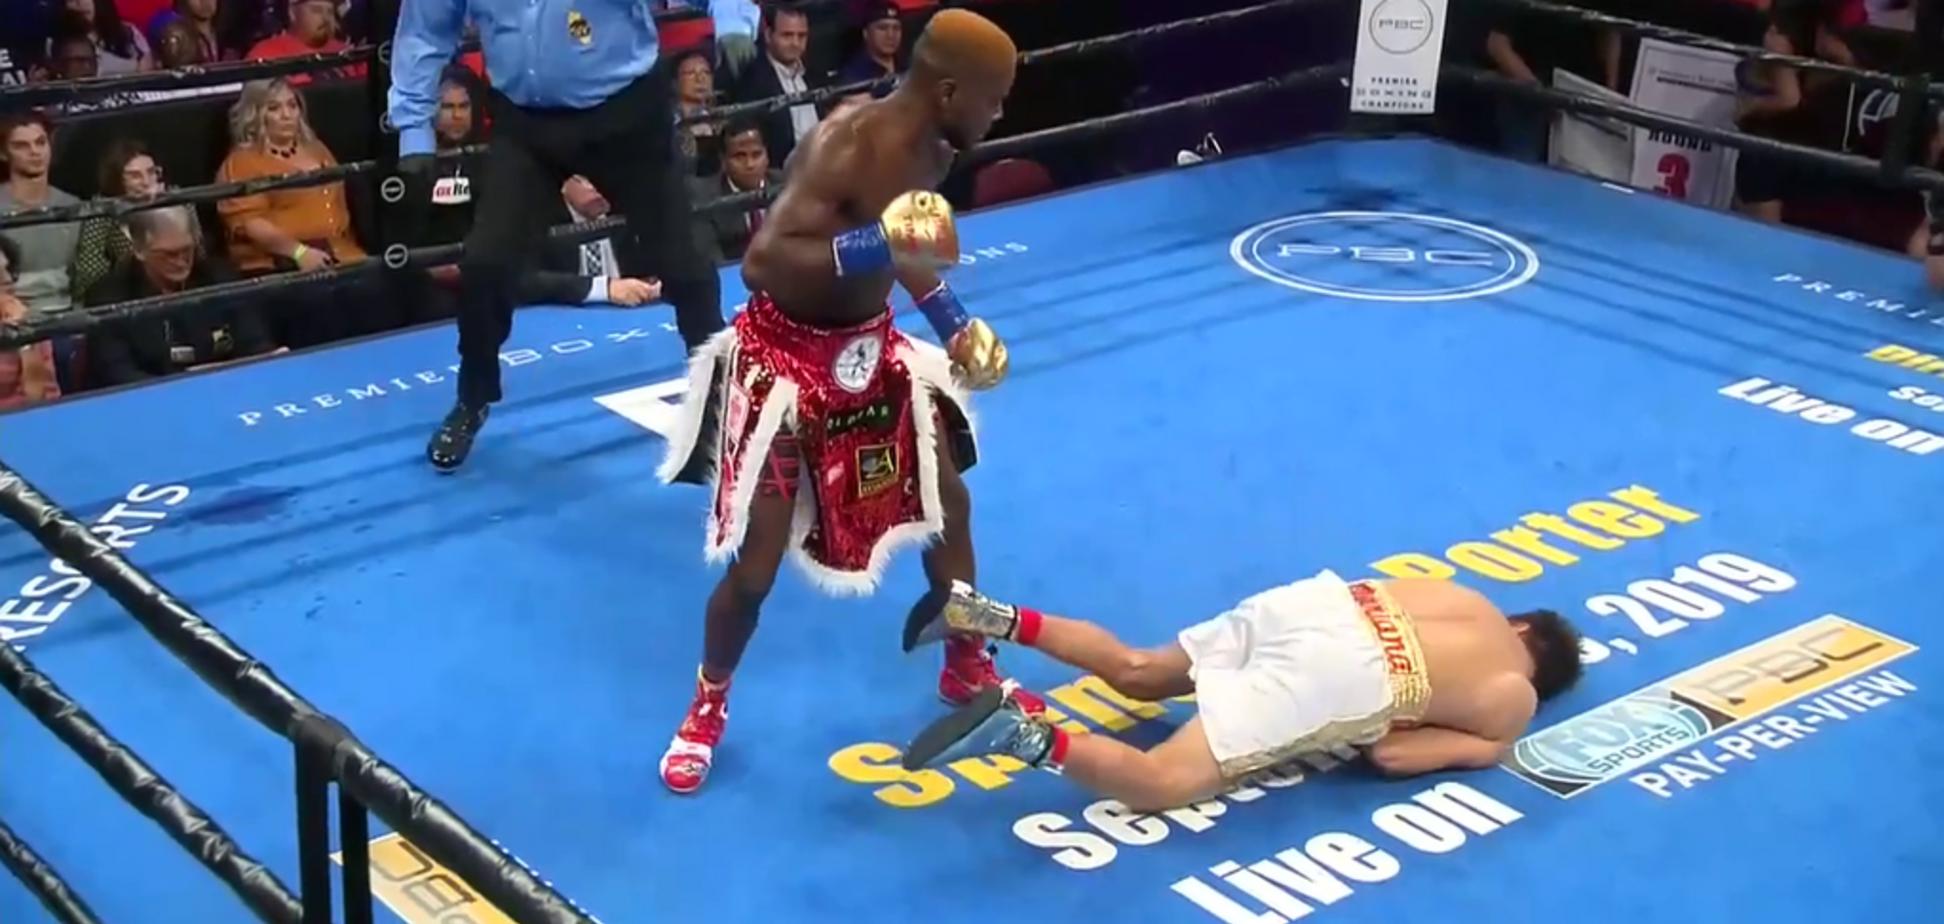 Непобедимый боксер отправил соперника в жуткий нокаут